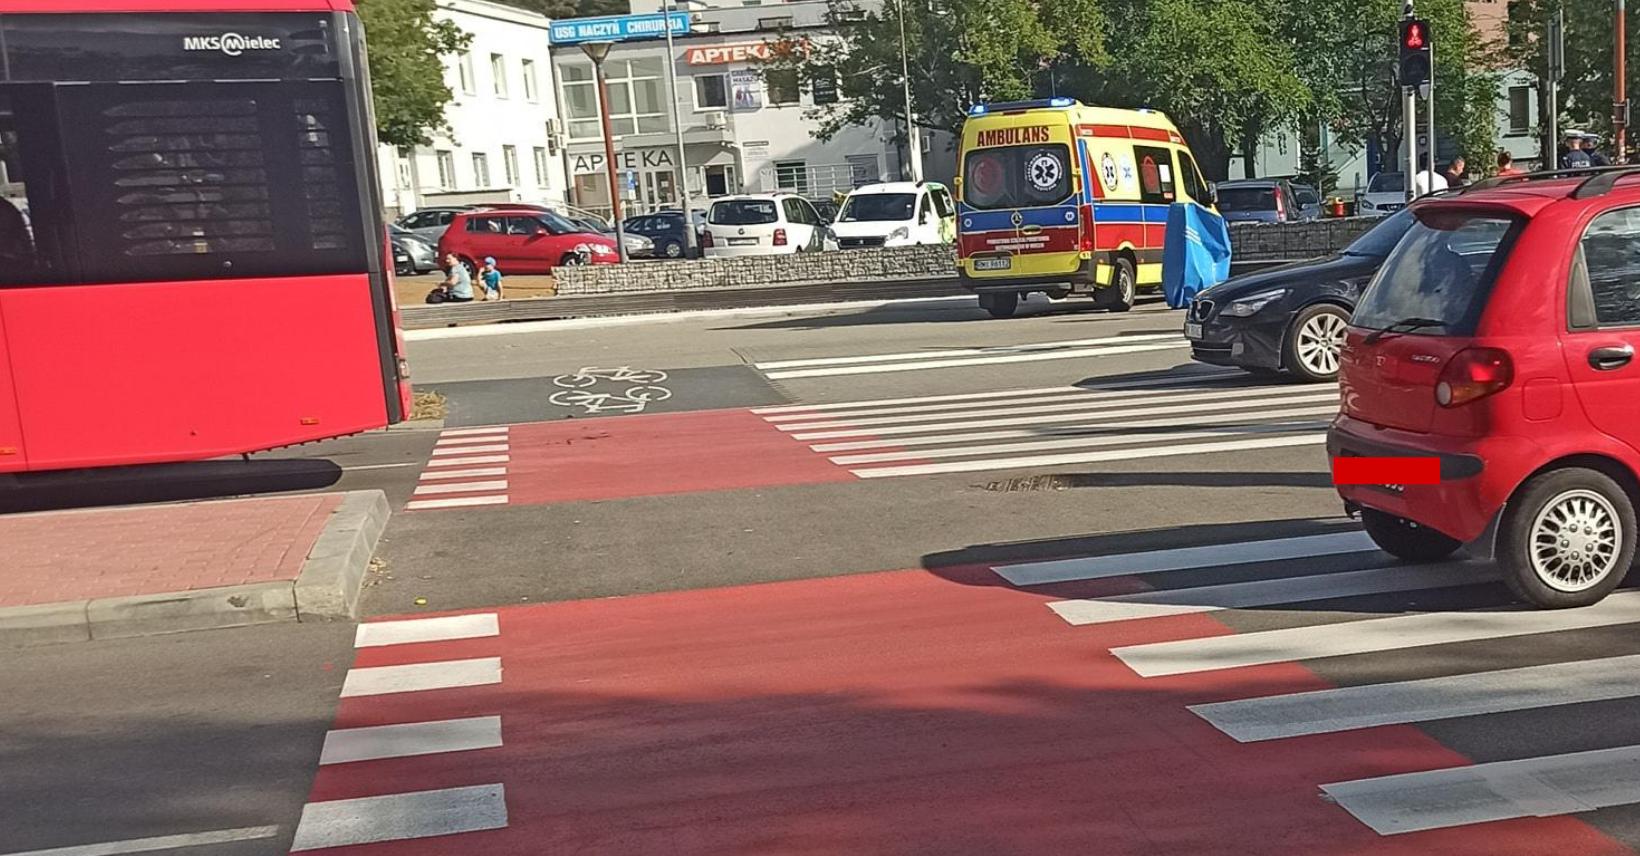 Potrącenie rowerzystki na przejściu koło galerii Aura  - Zdjęcie główne